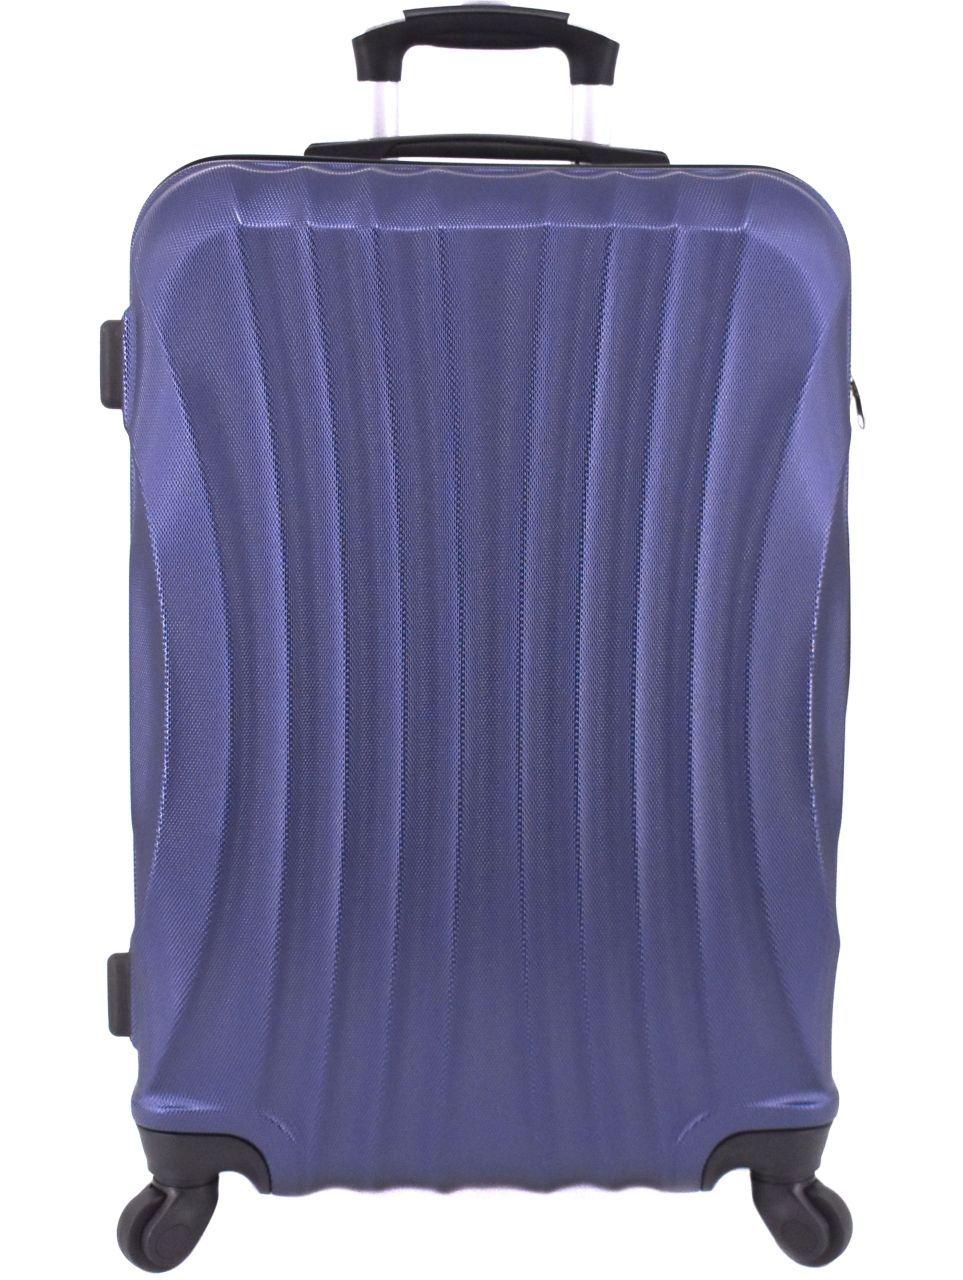 Cestovní skořepina kufr na čtyřech kolečkách Arteddy - (L) 90l tmavě modrá 6020 (L)